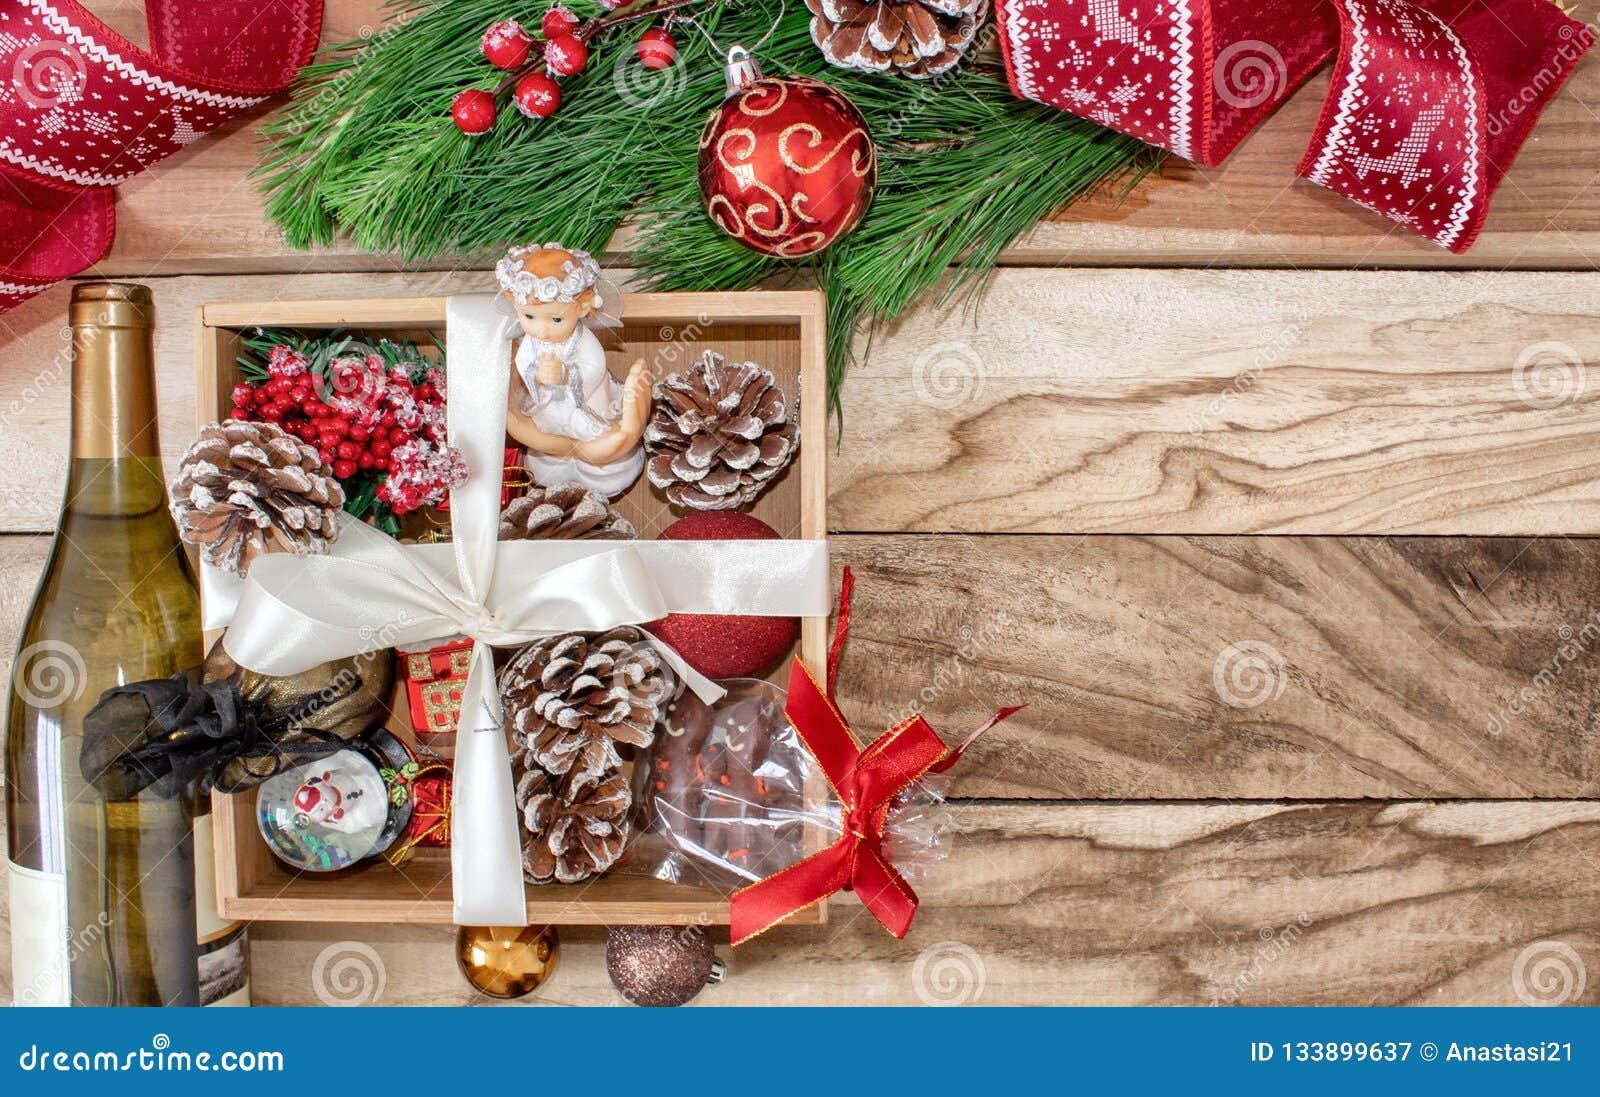 Regali Di Natale In Legno.Regali Di Natale In Una Scatola Di Legno Su Un Fondo Di Legno Rami